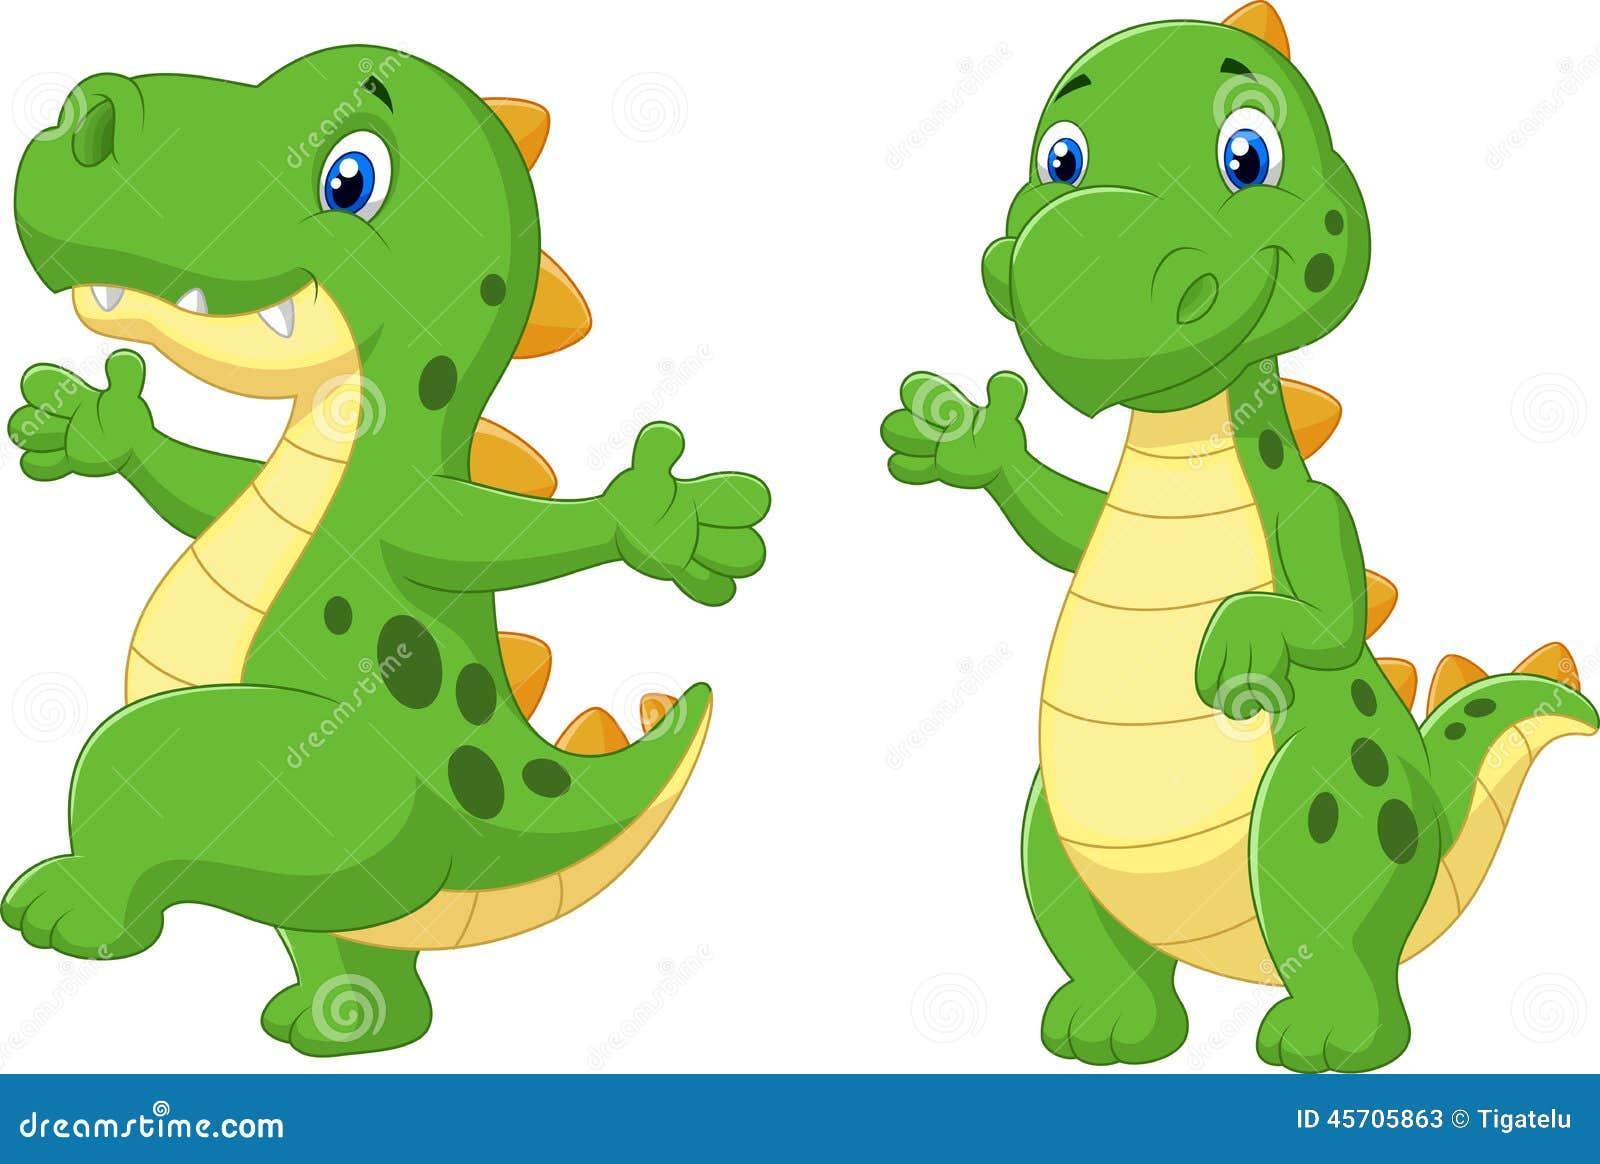 向量例证: 动画片逗人喜爱的恐龙图片